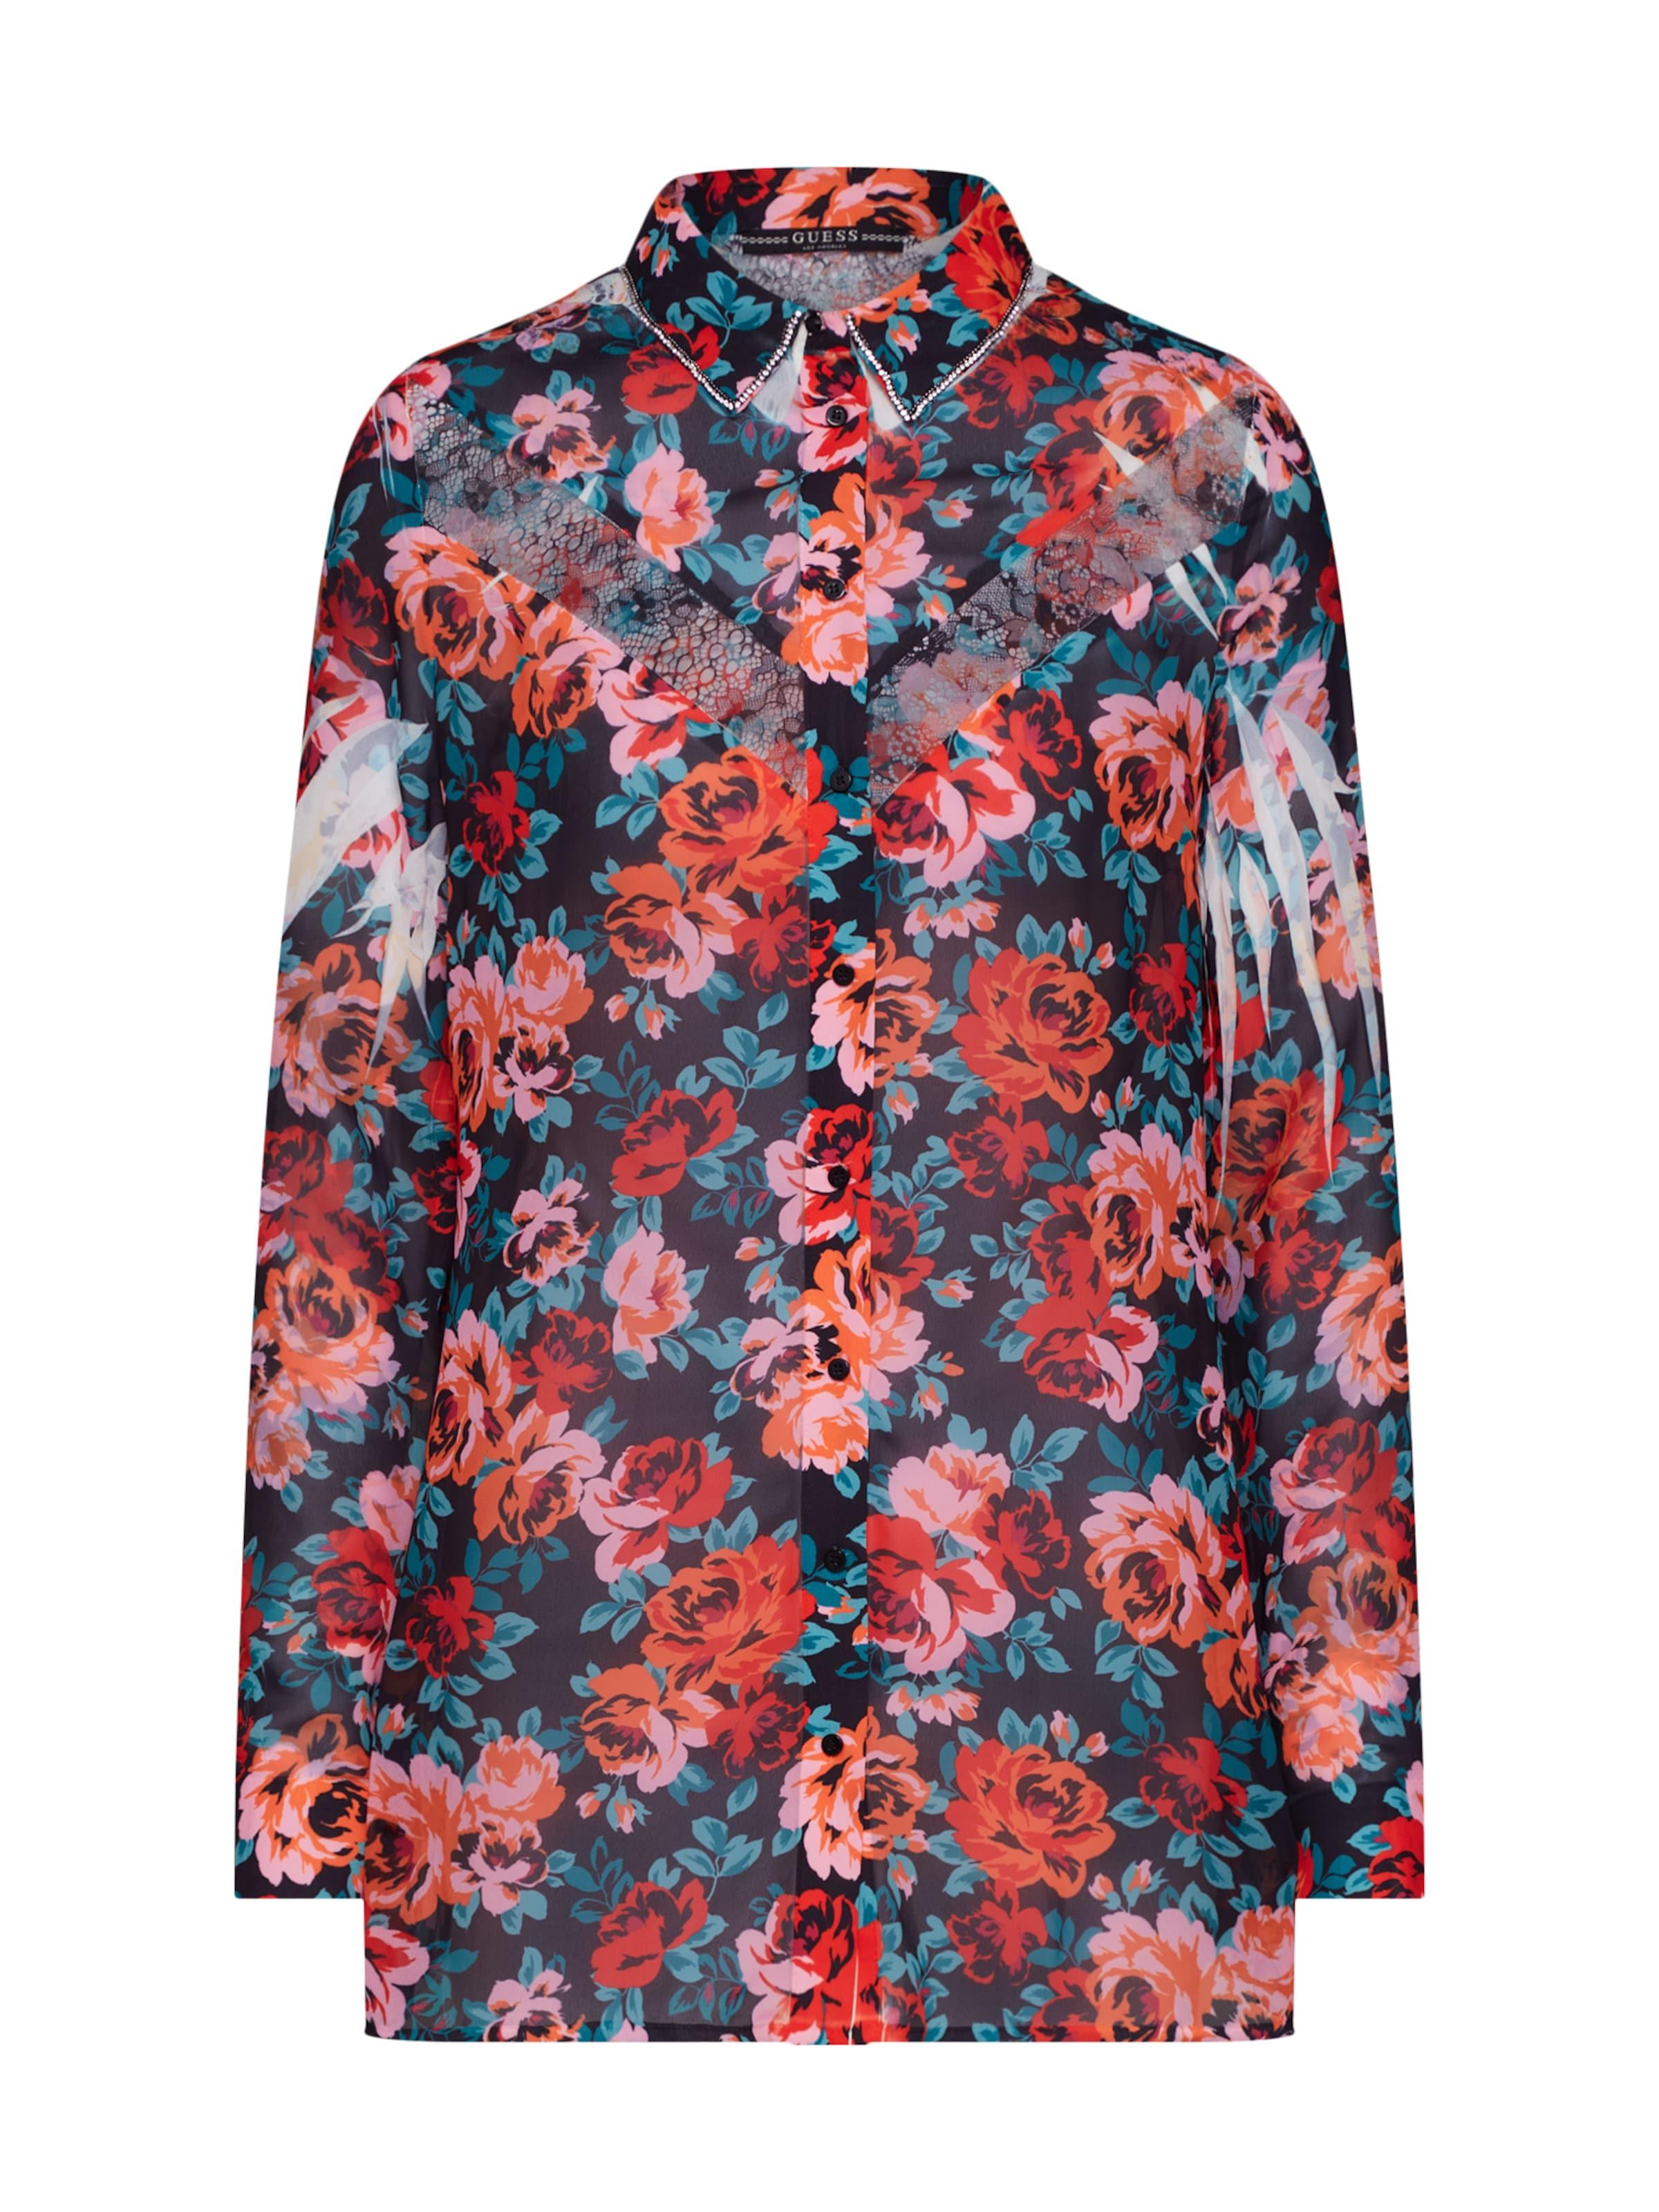 Guess In RosaSchwarz Clouis Shirt' Bluse 'ls yv7Y6bgf